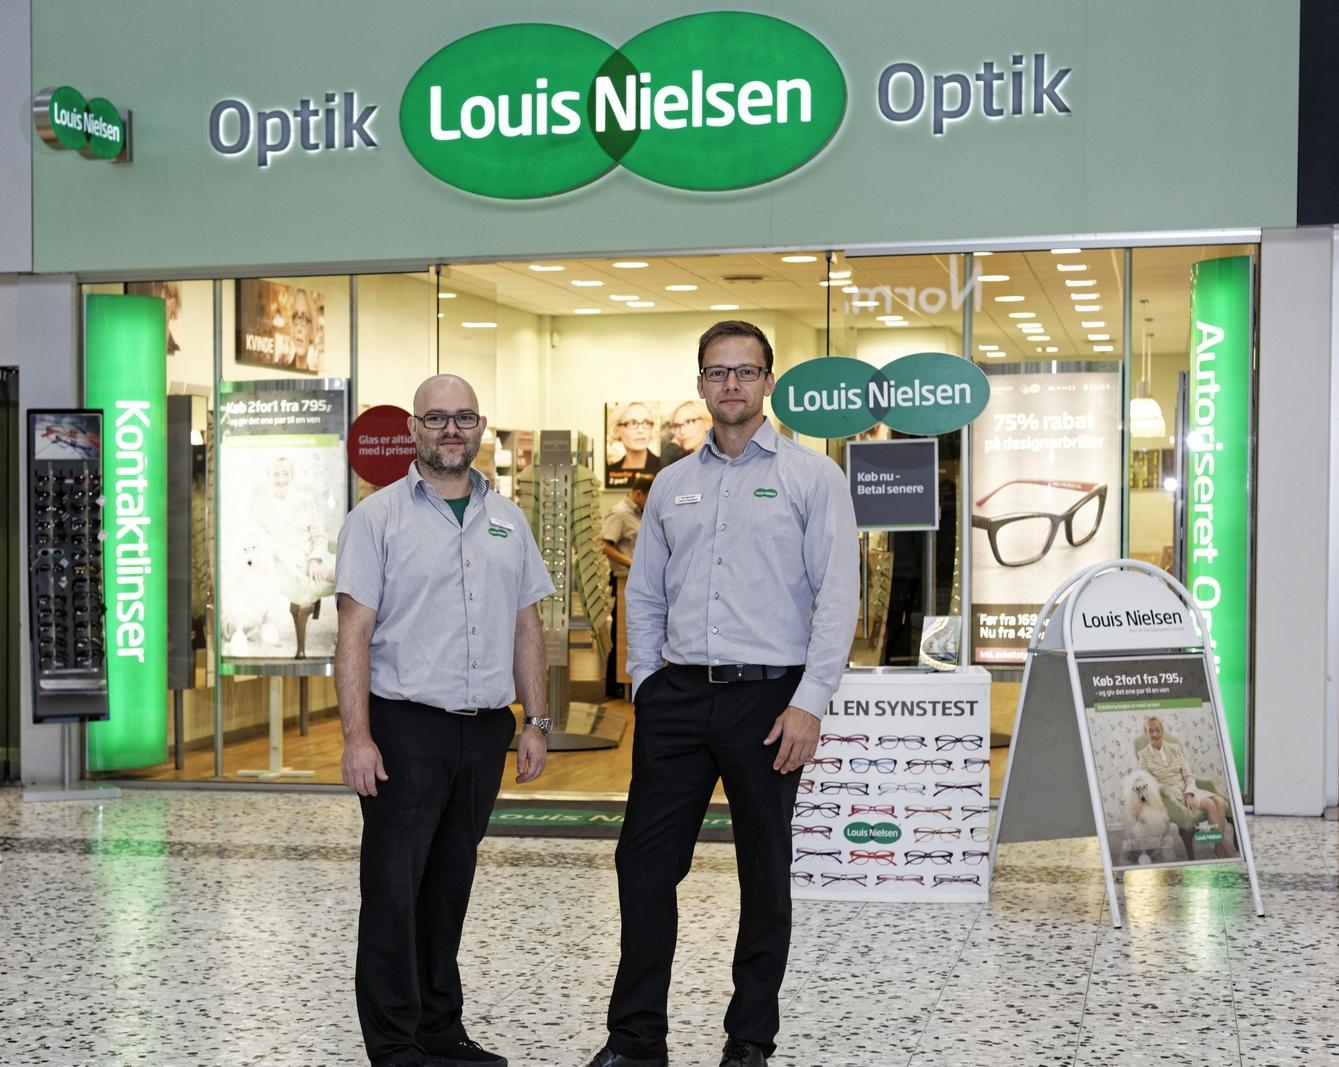 f2d39ae0d40e Troels Forman (tv) og Dennis Nedergaard (th) skal fremover stå i spidsen  for Louis Nielsen butikken i Waves i Hundige. Foto Louis Nielsen.